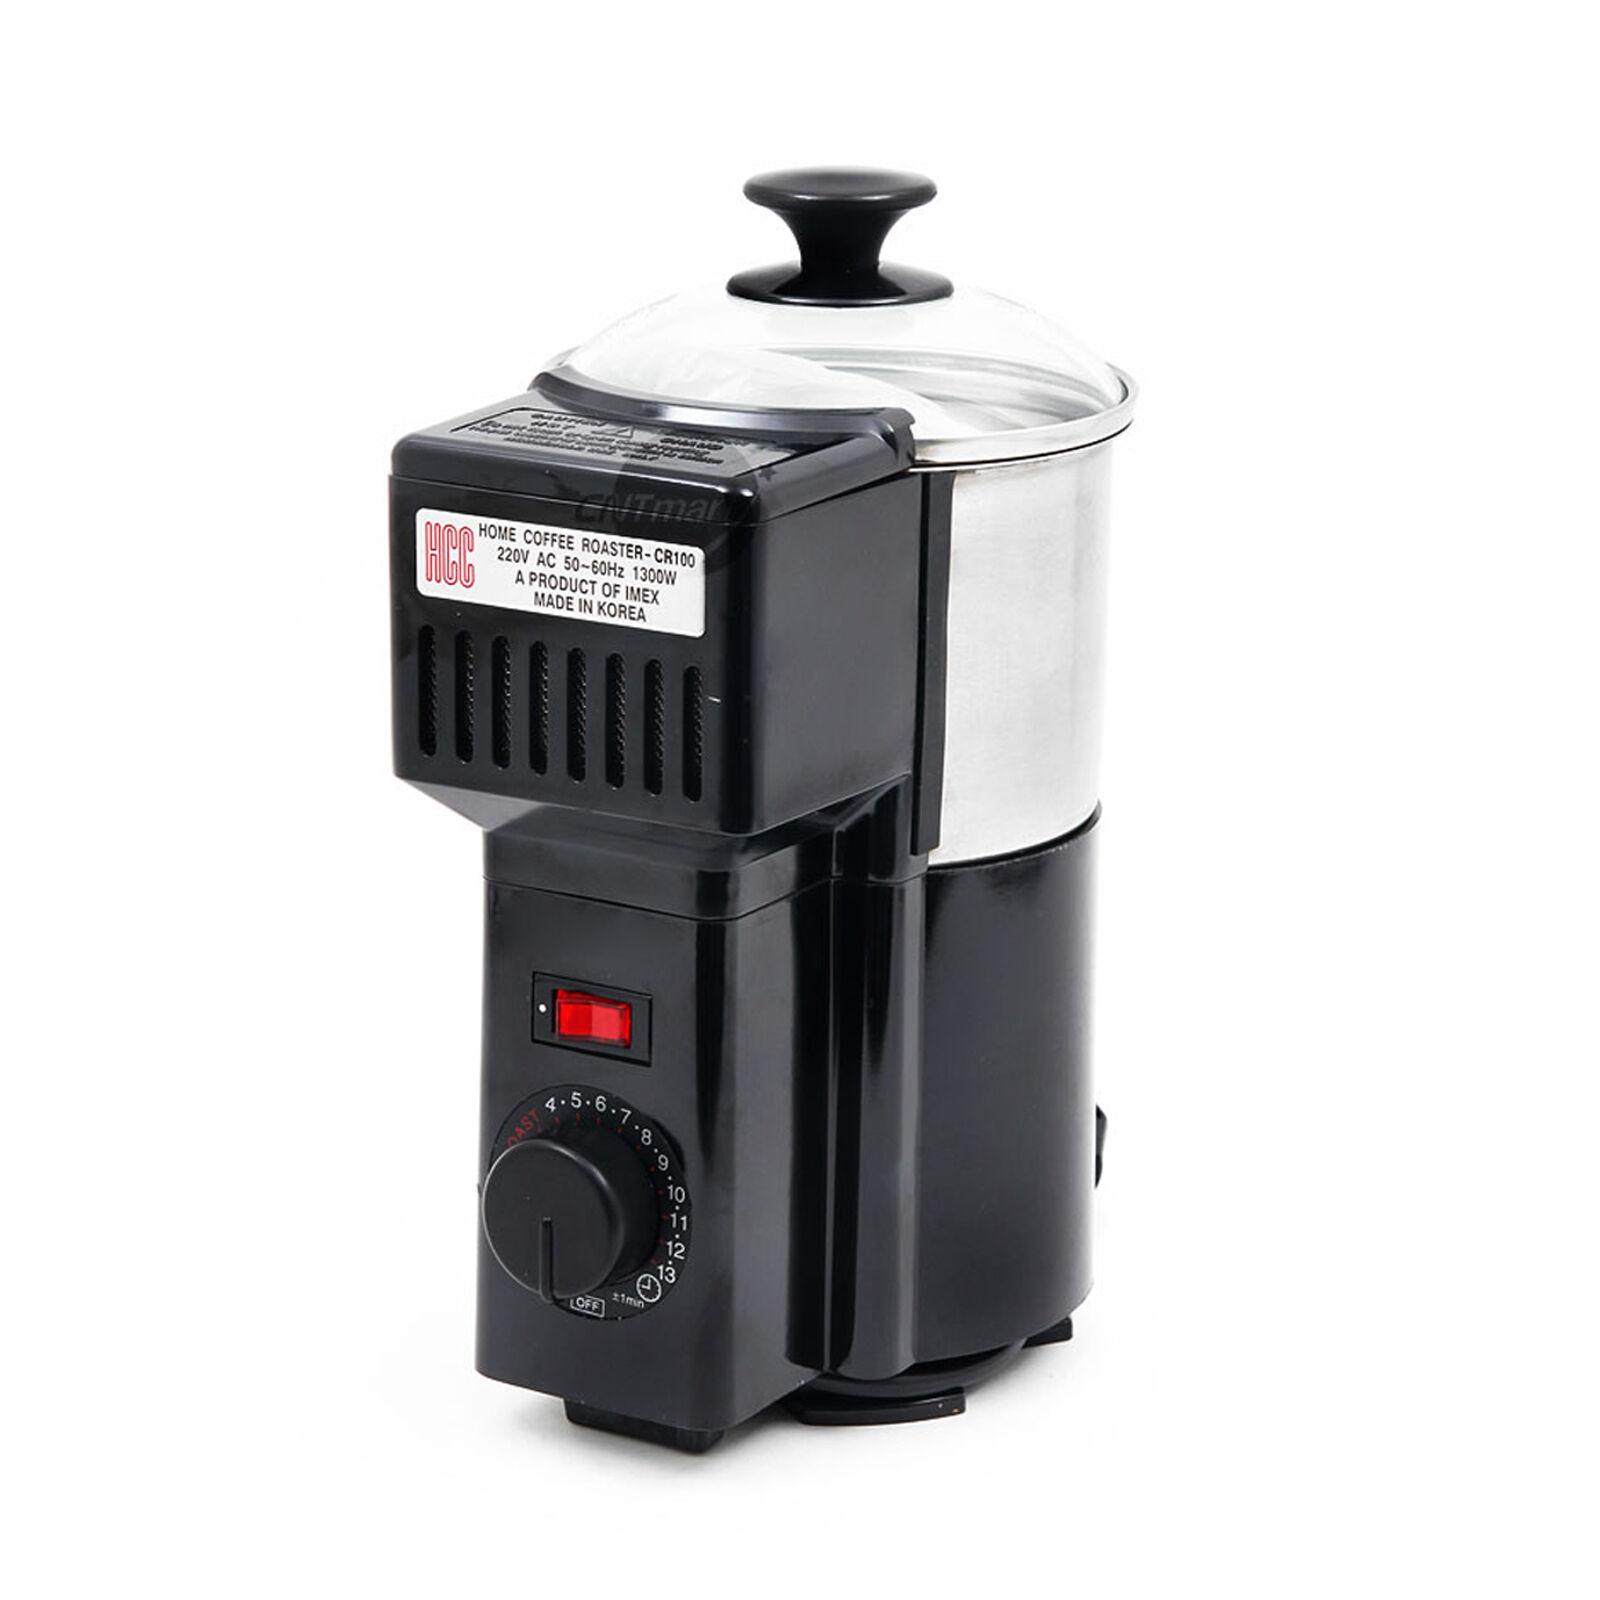 Grains de café torréfaction et RefroidisseHommest accueil torréfacteur IMEX CR100